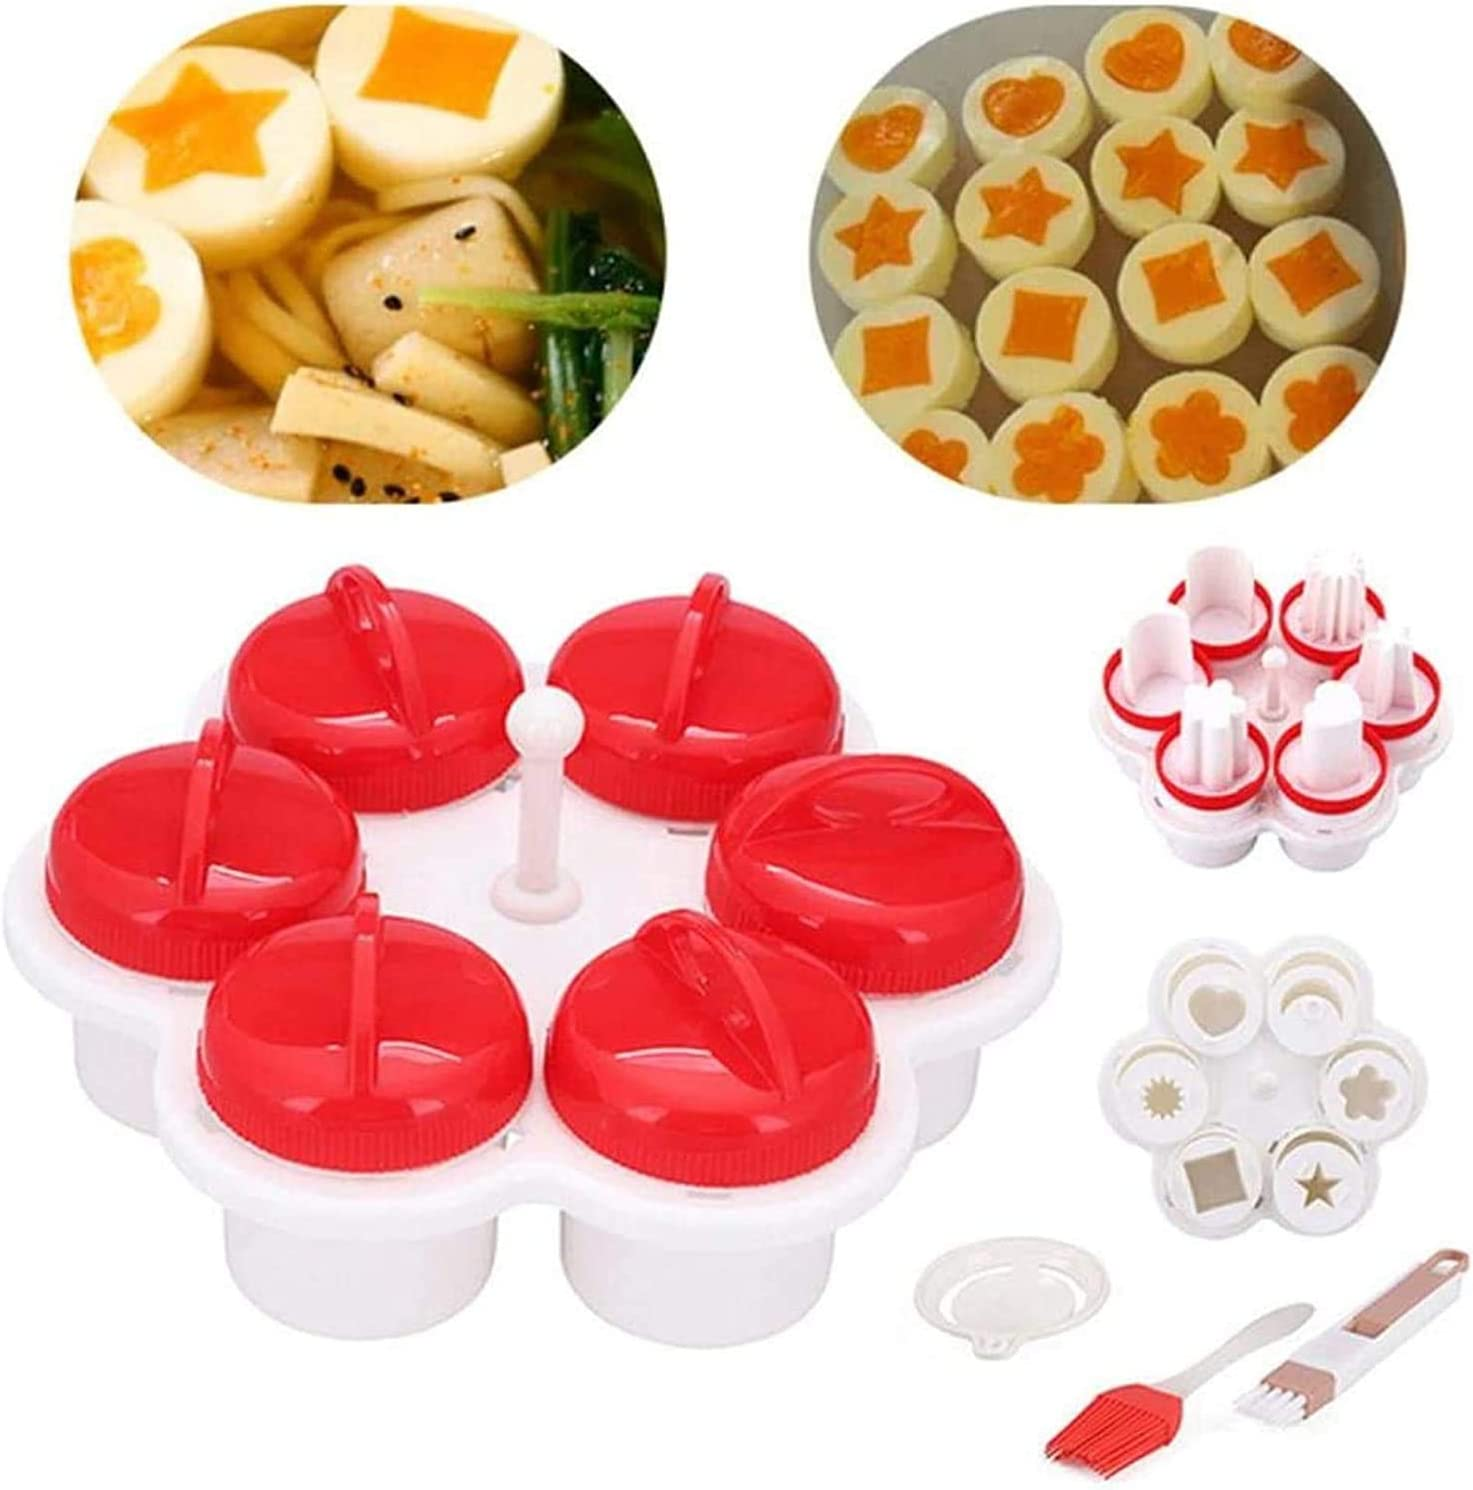 set di fornelli per uova in silicone con tazza di cottura per sollevatore e pusher 6 pezzi per Stampo Per Uova Sode Per Creare Forme Con Tuorlo dUovo,uova sode senza guscio Con pennello